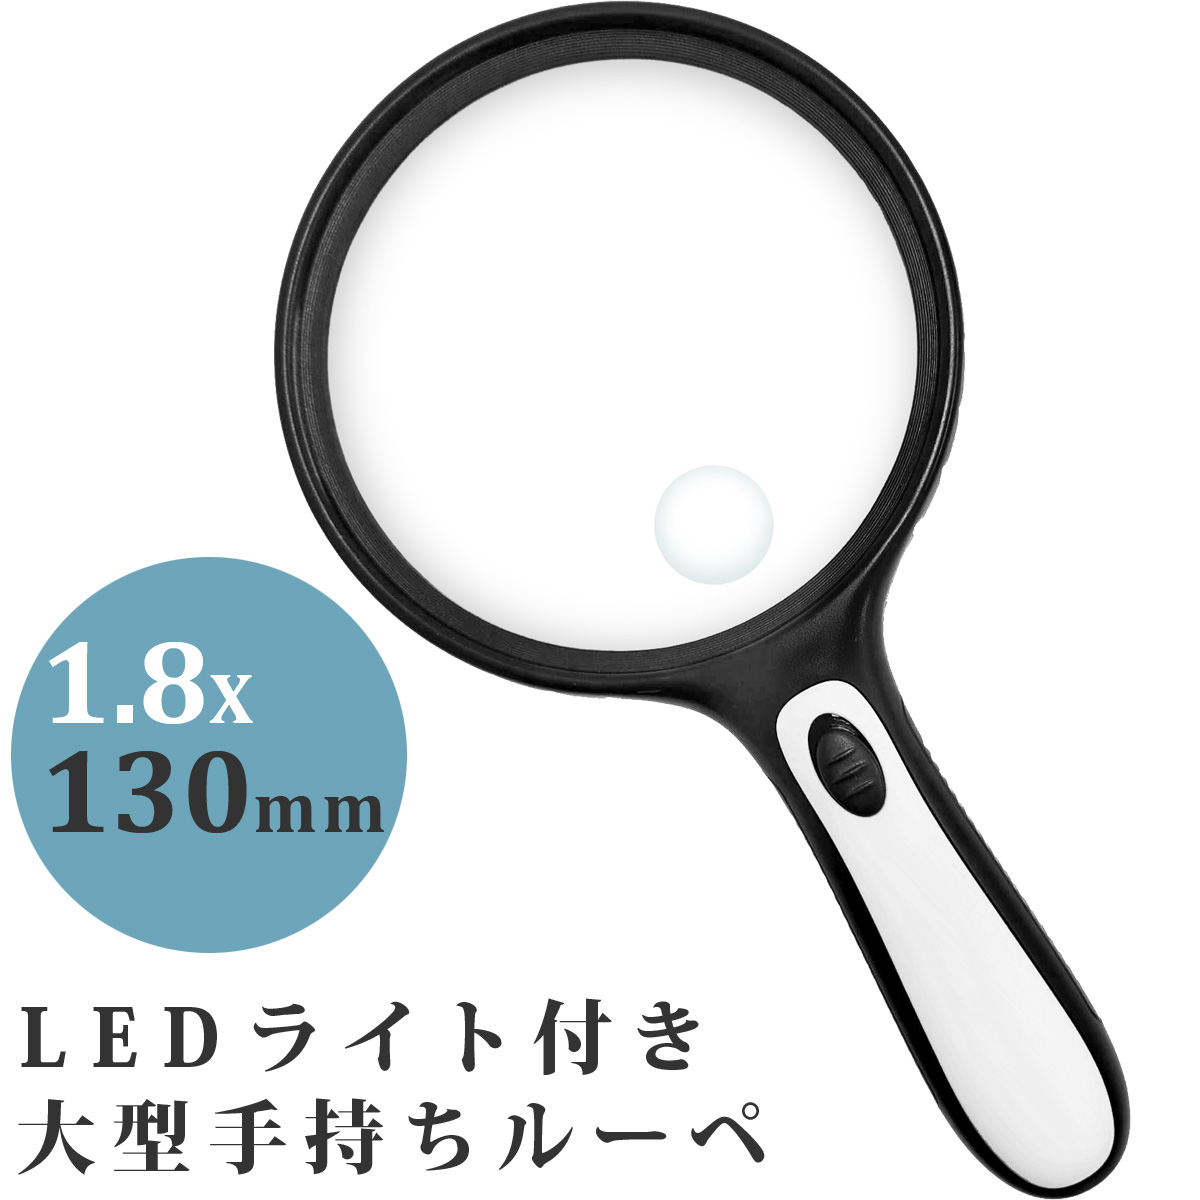 ルーペ LED ライト付き 大型 手持ちルーペ SN-130LH 1.8倍 130mm 虫眼鏡 拡大鏡 読書 池田レンズ